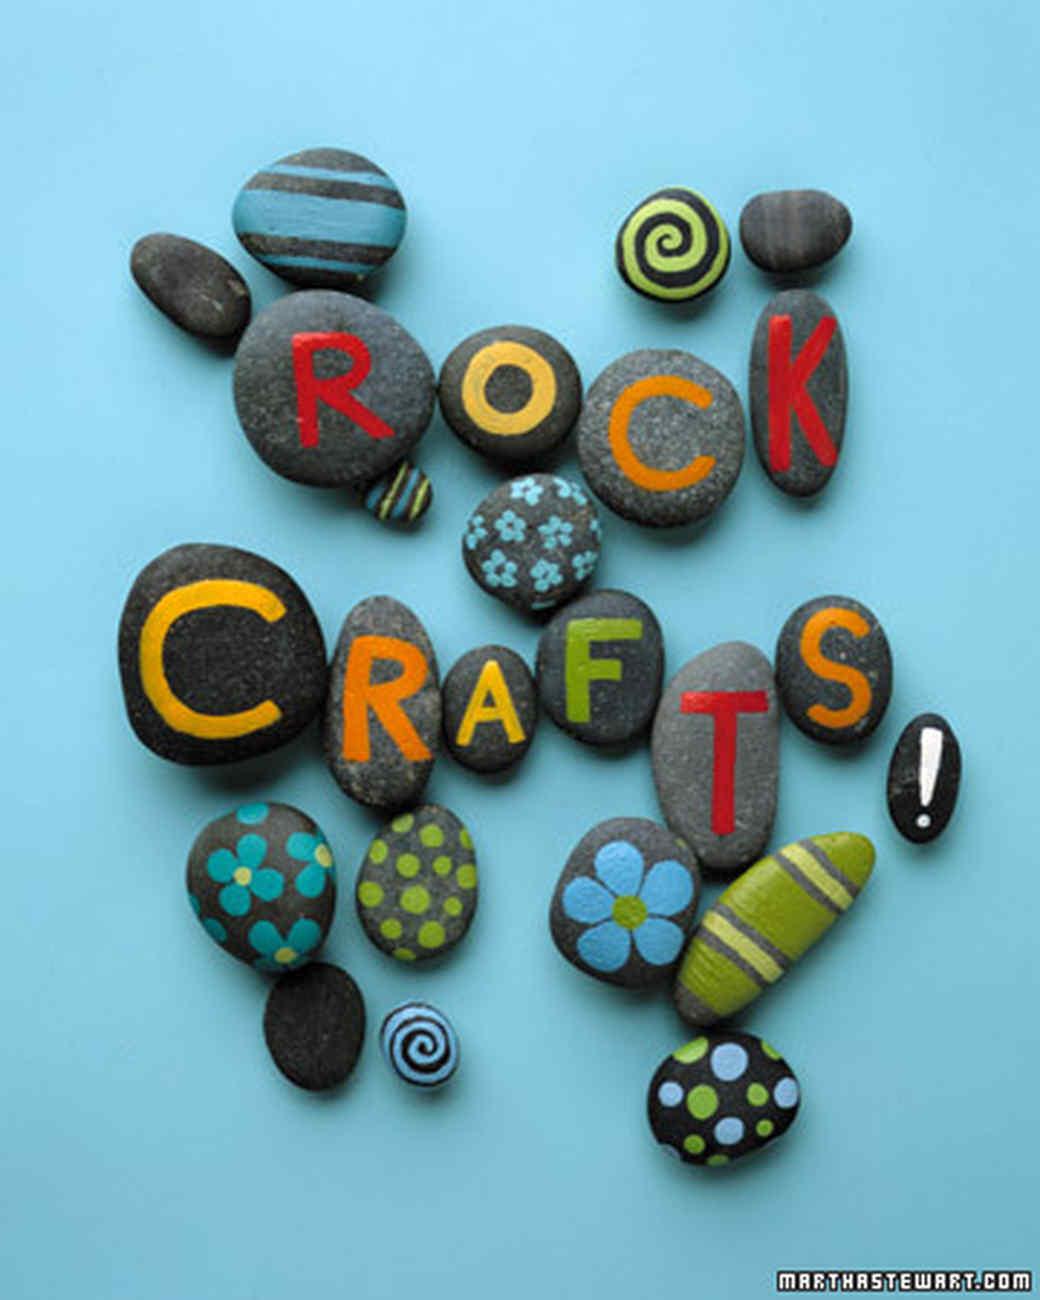 Via Martha Stewart's Rock Crafts